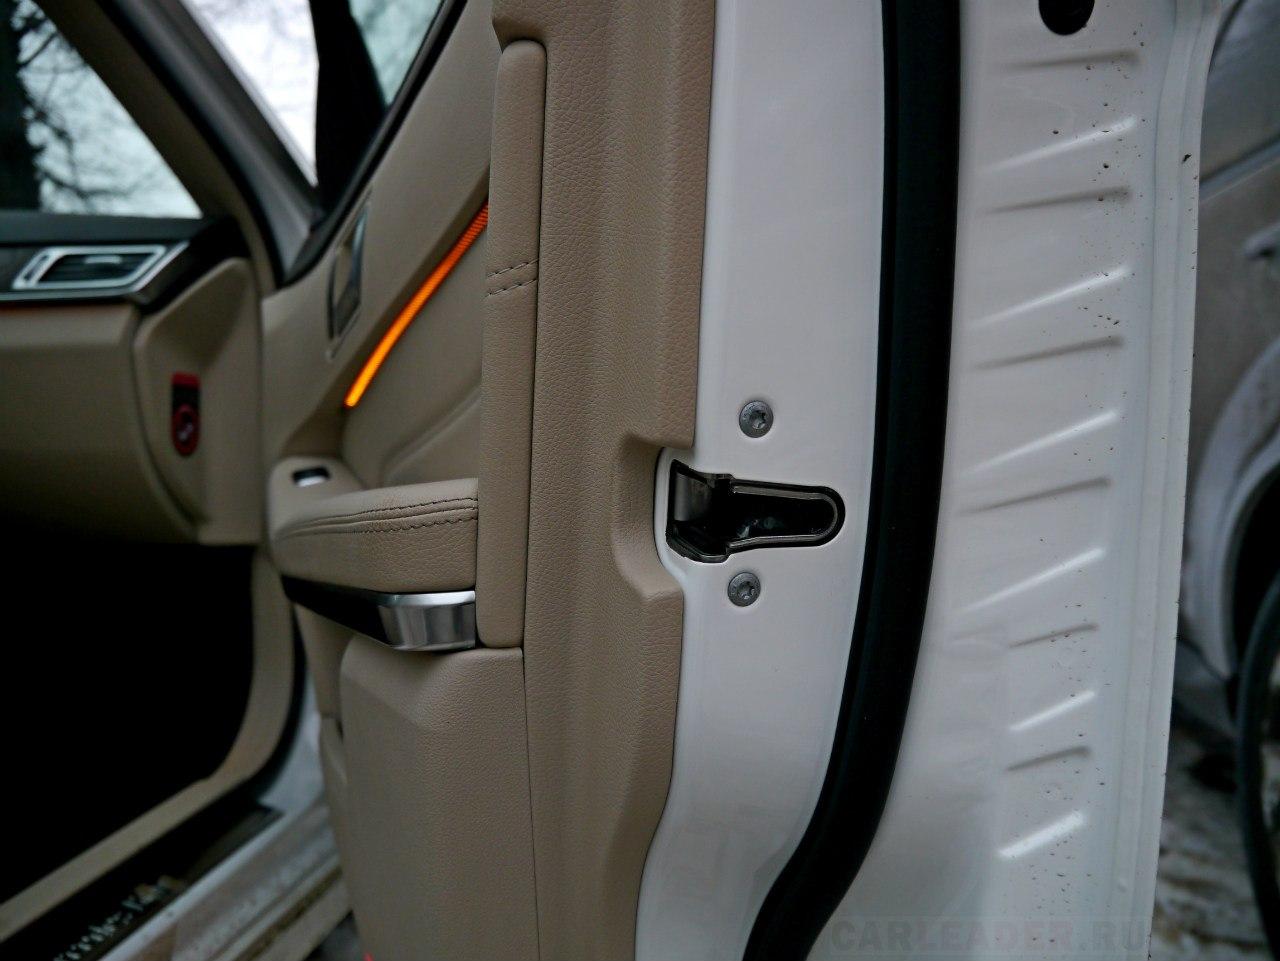 Дверь тяжелая, увесистая, никакого ощущения консервной банки, как в некоторых моделях Infiniti. Но по звуку закрытия не такая мягкая, как дверь Audi A6.